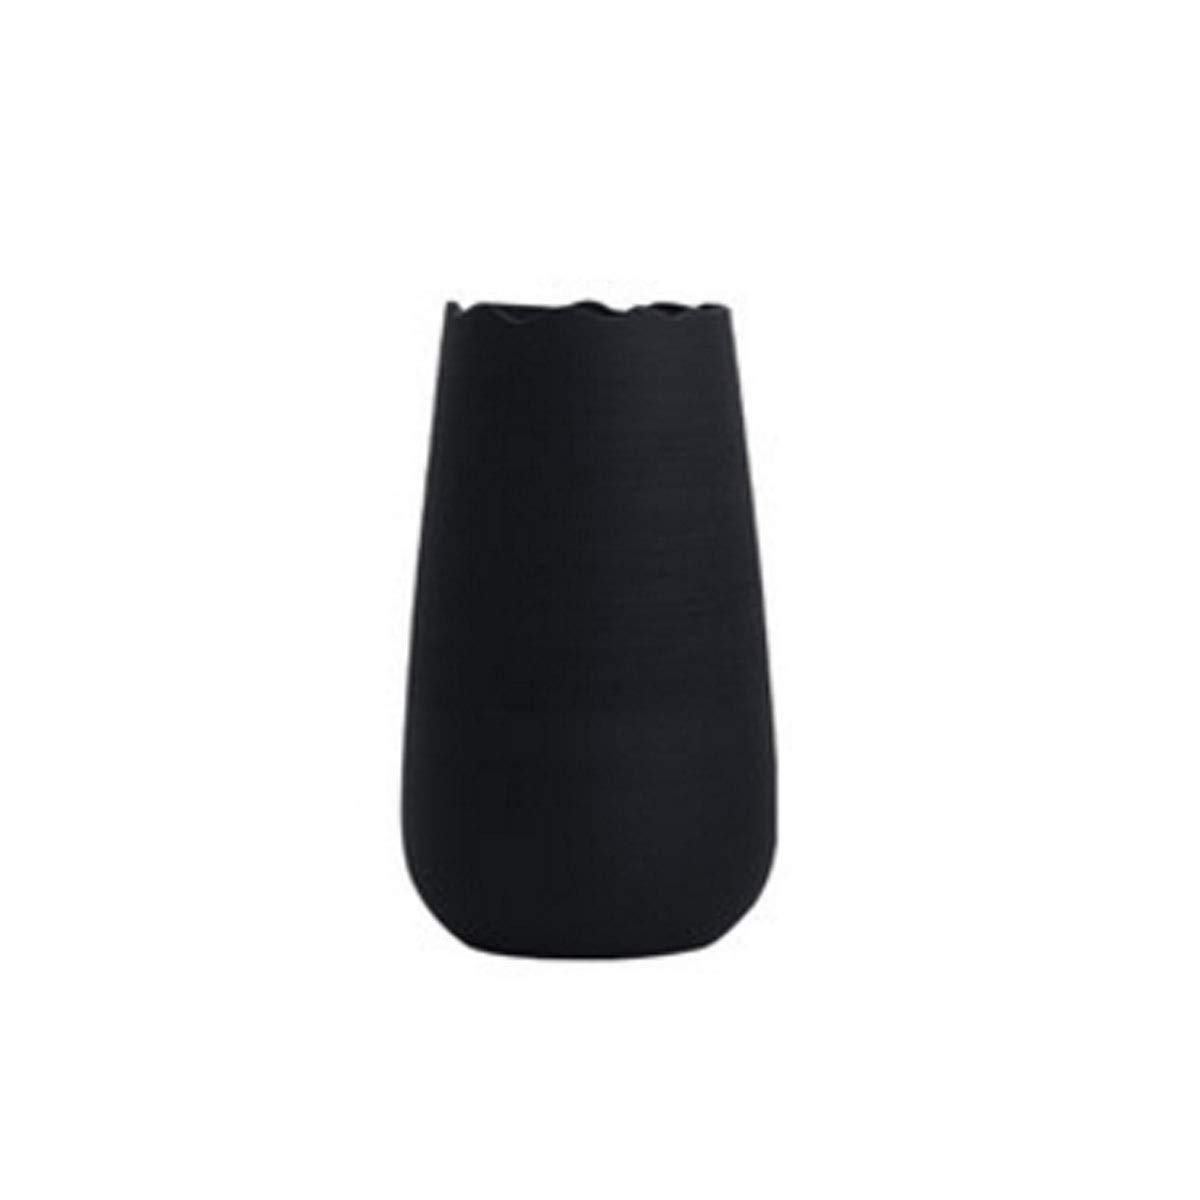 花瓶、北欧モダンスタイルのセラミック花瓶、リビングルームオフィスクリエイティブ水耕ヨーロッパスタイル、スモールグレー (Color : Black 1) B07RQTJQRC Black 1